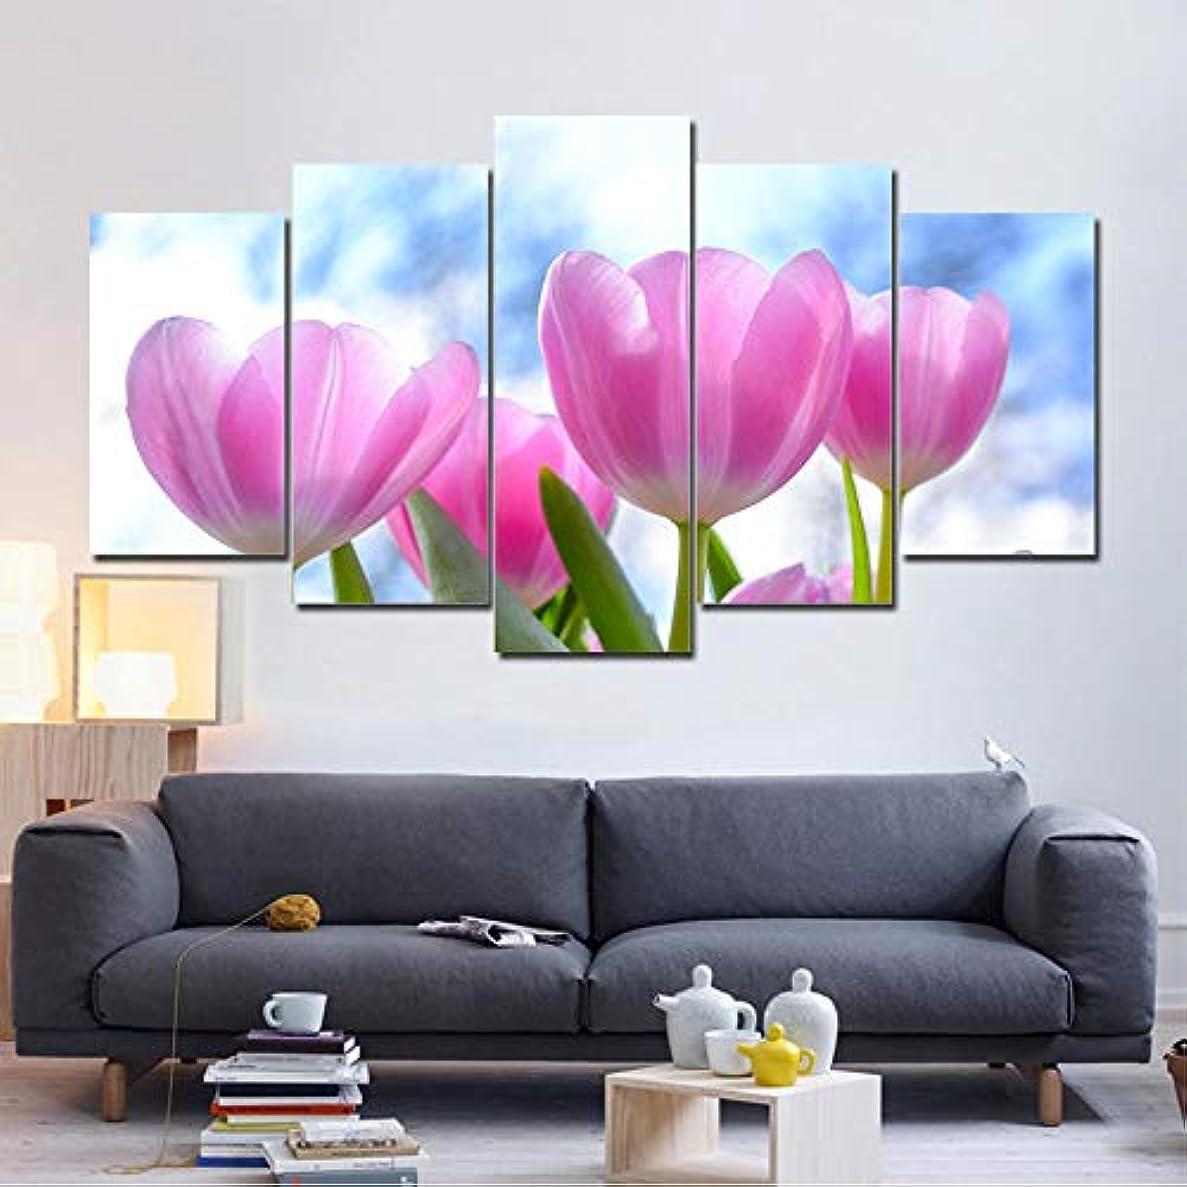 実現可能つまらない呼ぶOjilkt ホームデコレーションキャンバス絵画Hdプリントフラワー5ピース植物壁アートリビングルームの背景モジュラー写真アートワークポスター-Size2-フレームレス